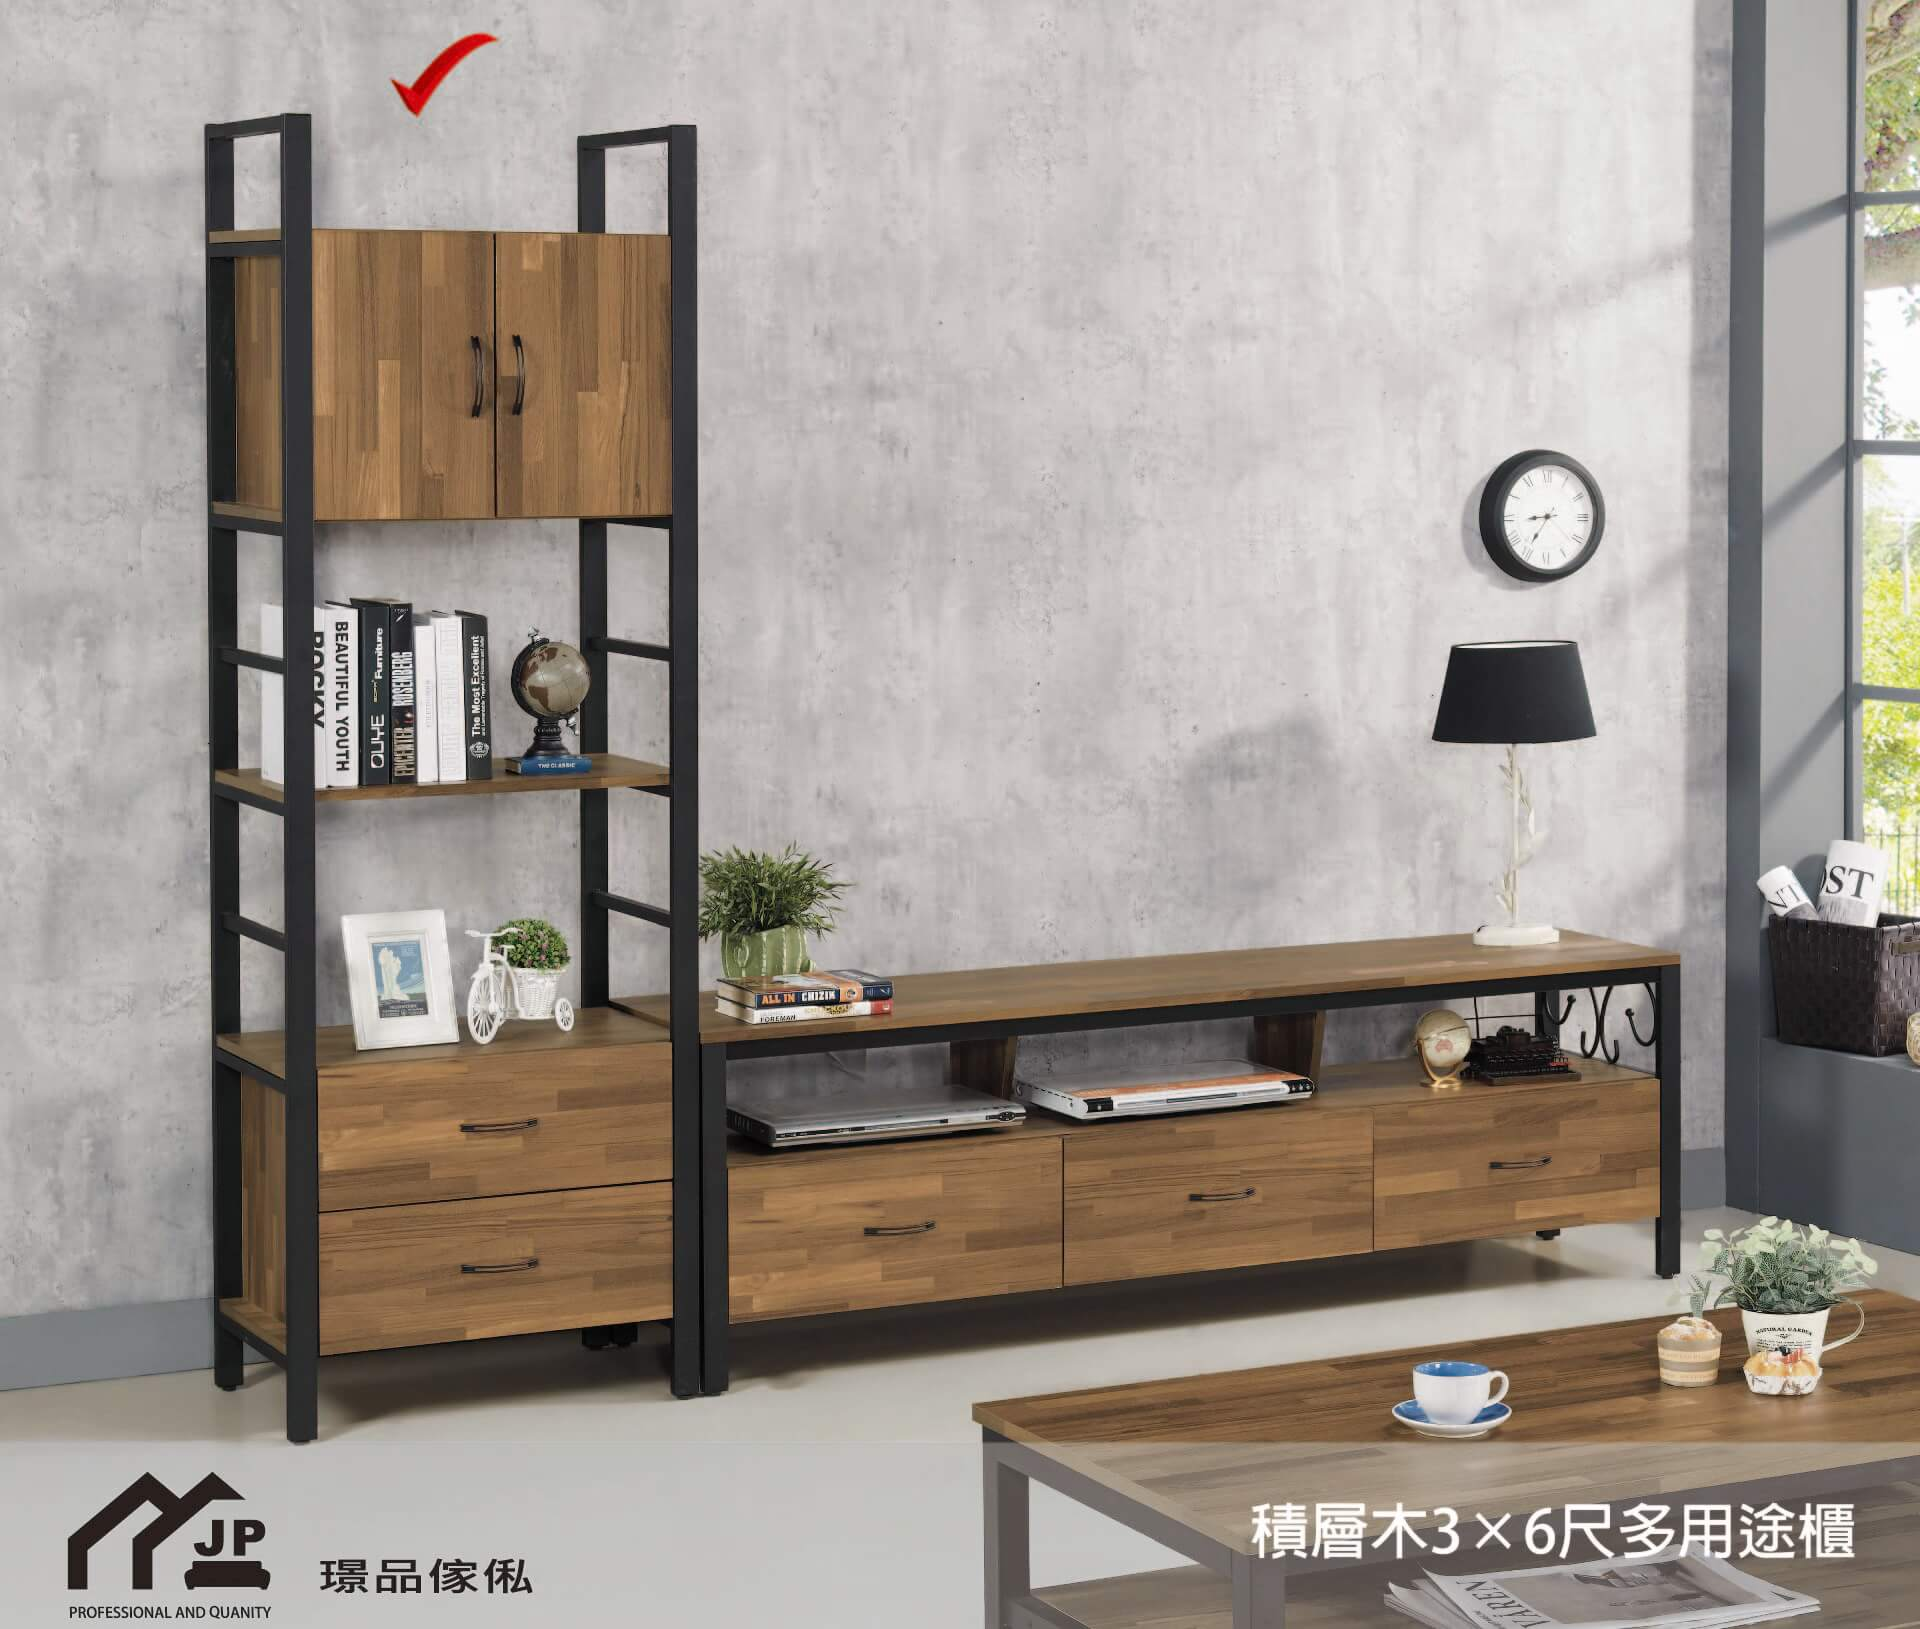 積層木3×6尺多用途櫃 - 璟品傢俬|沙發工廠直營門市